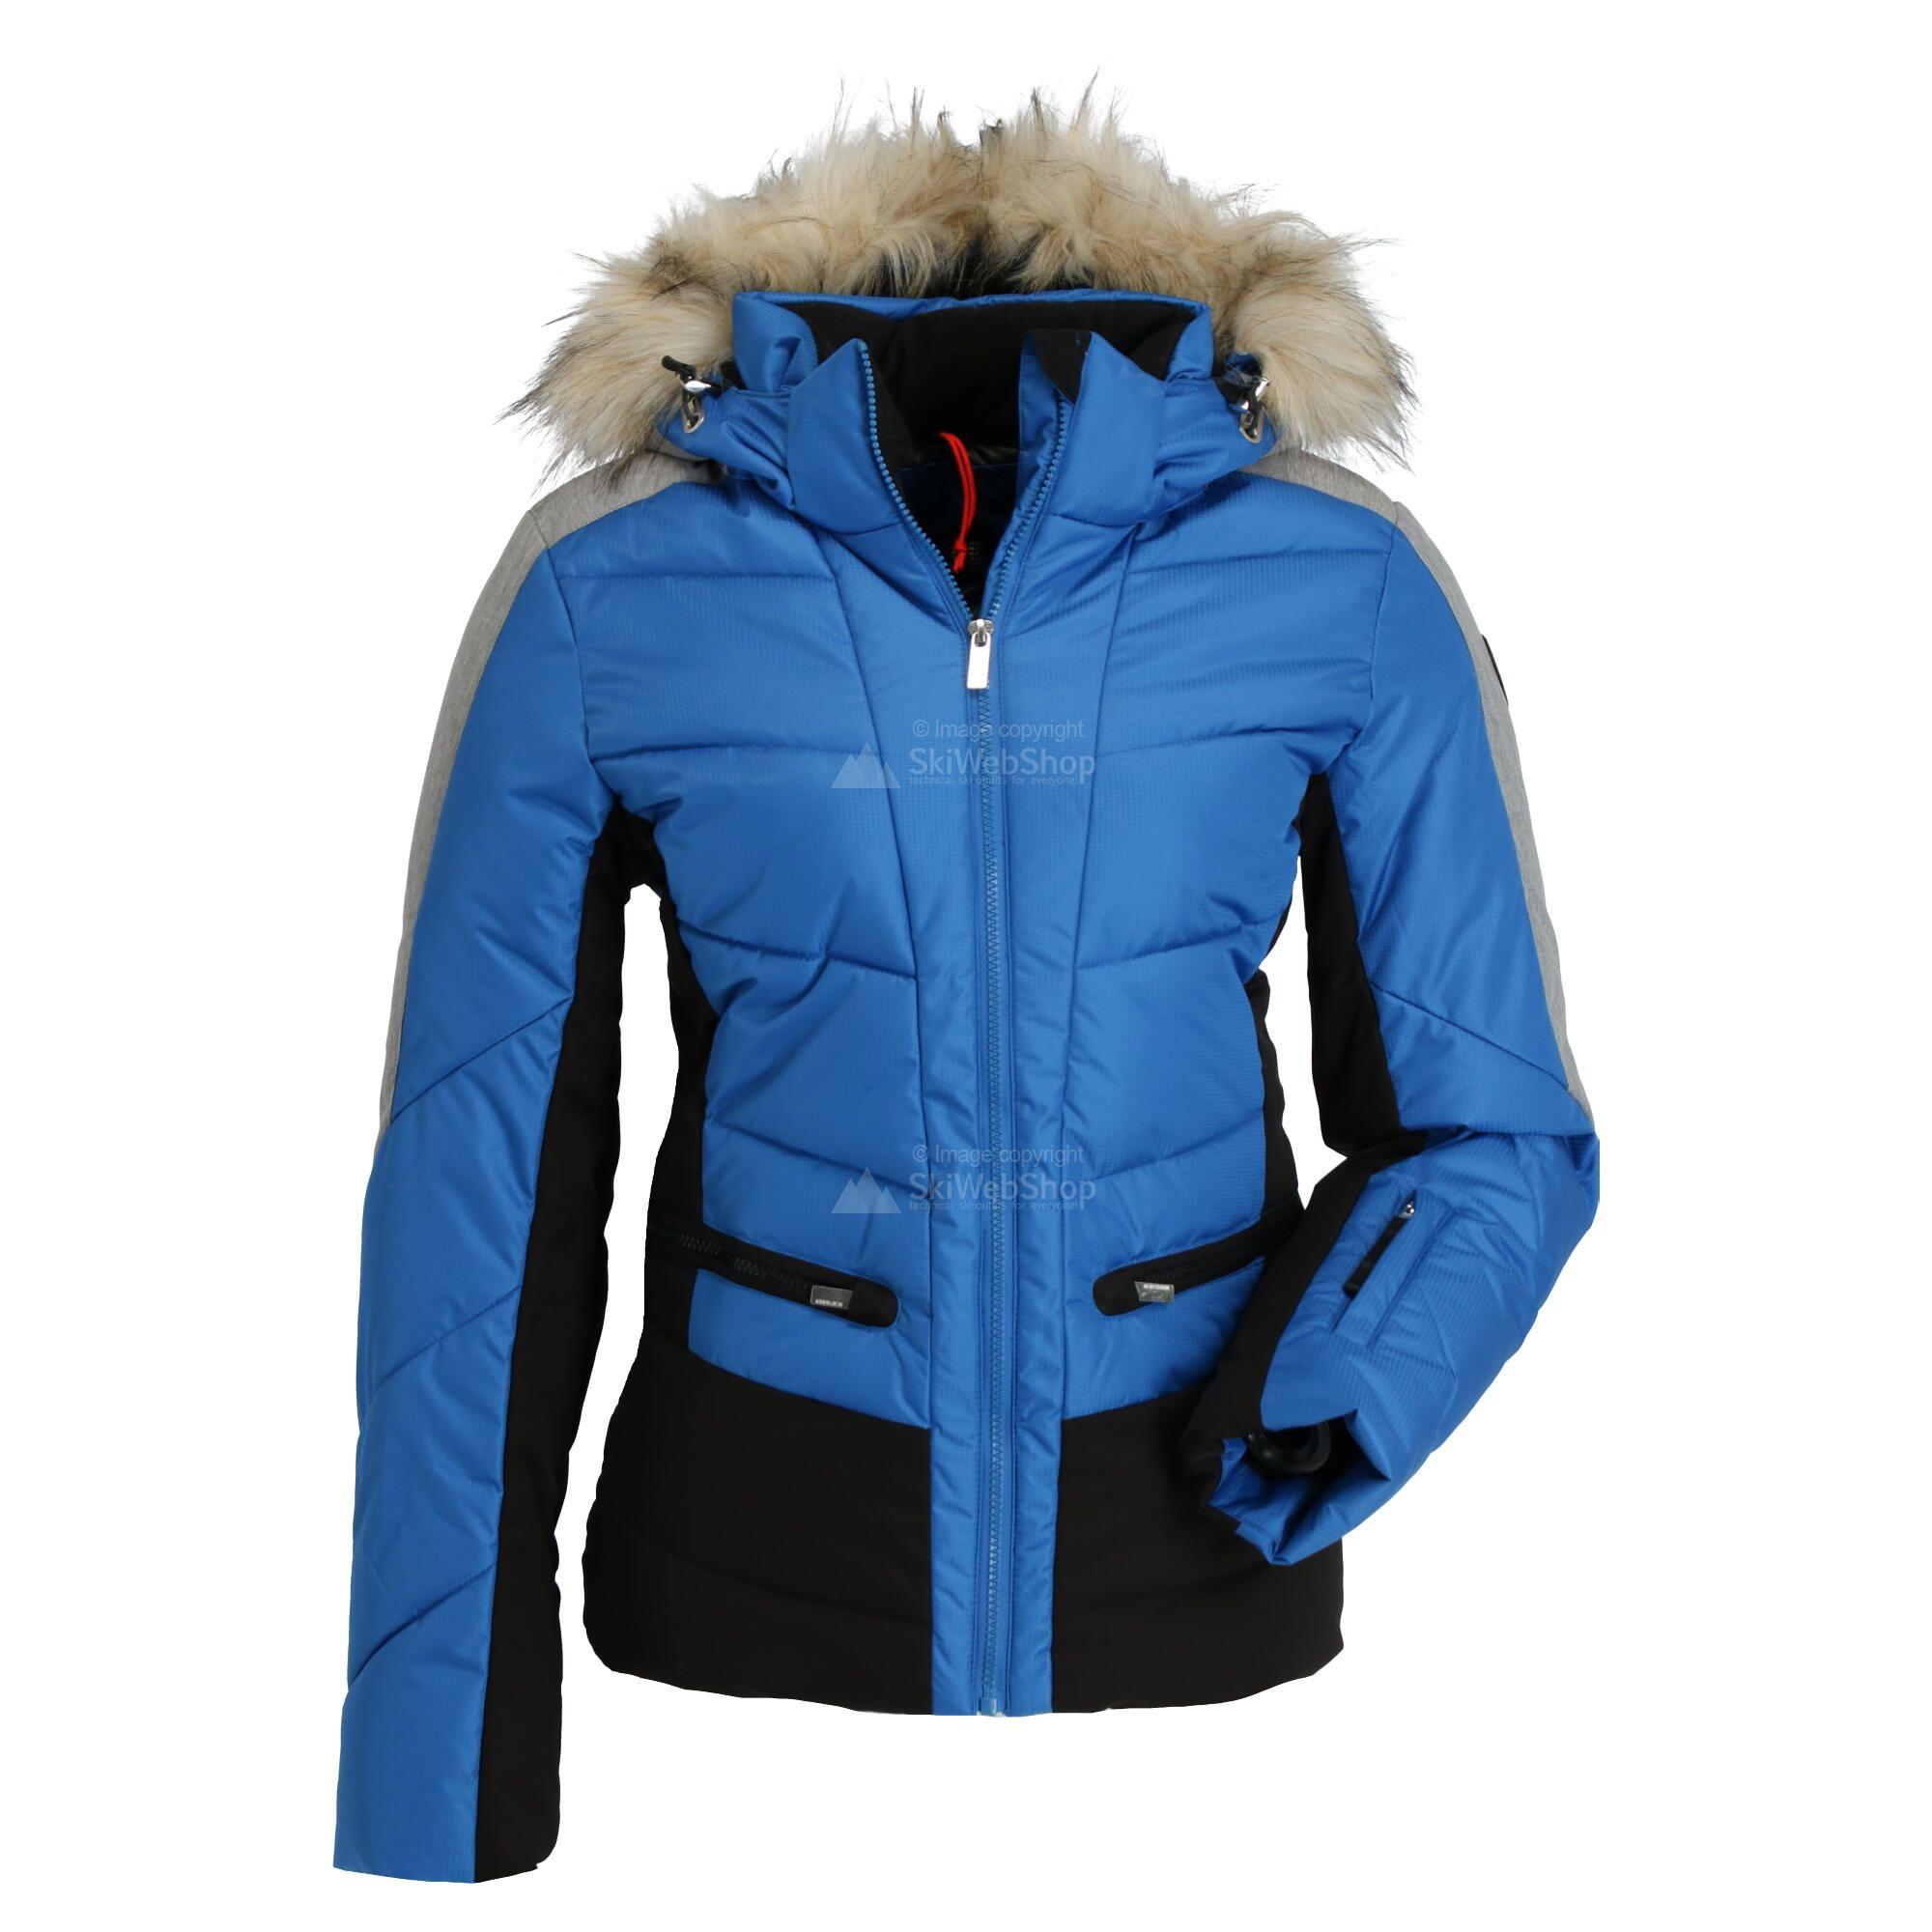 Icepeak jas | wehkamp